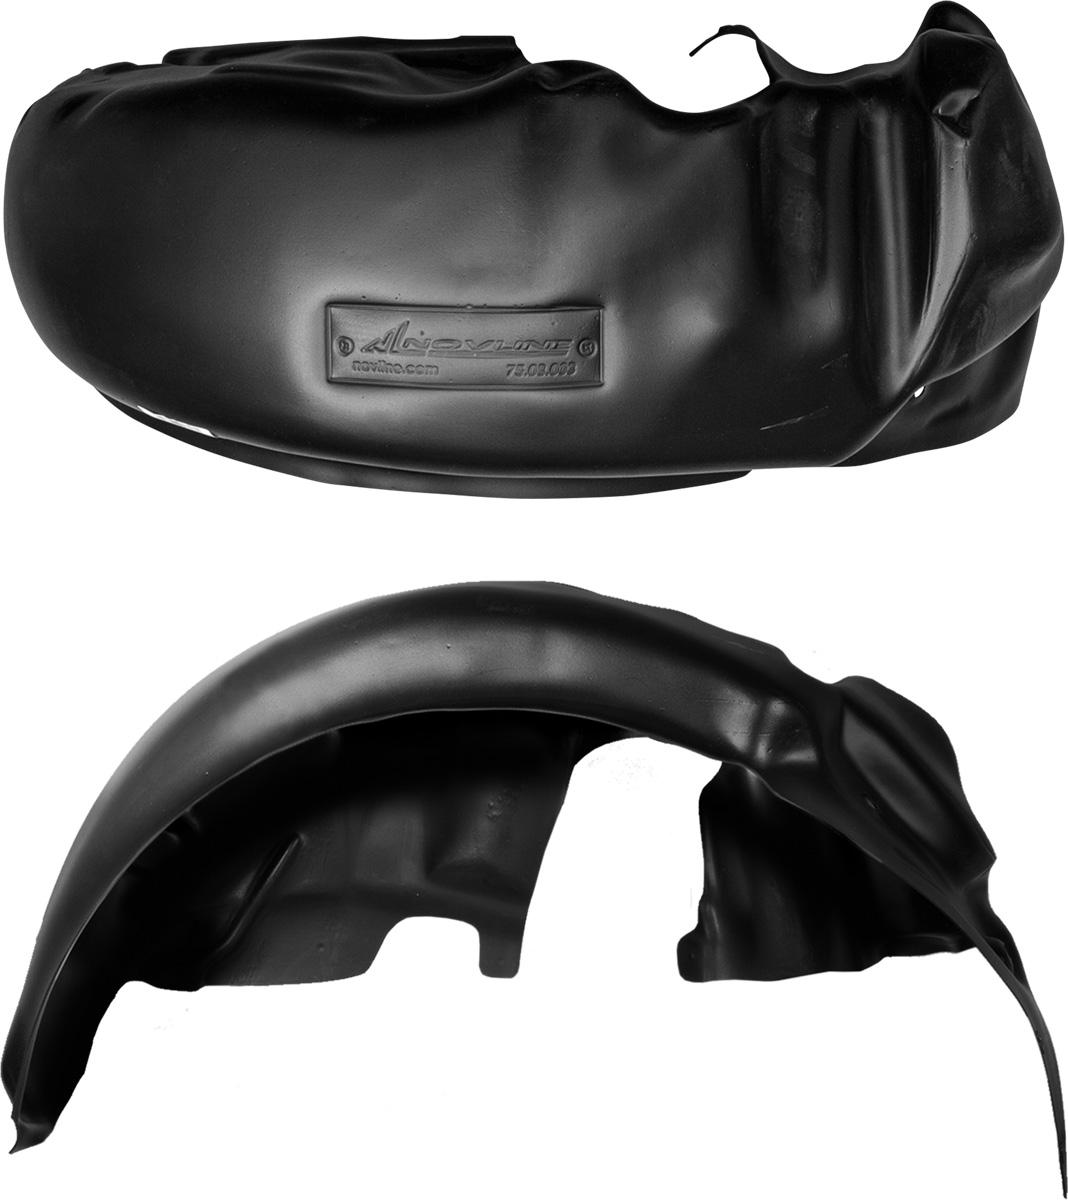 Подкрылок Novline-Autofamily, для Кia Rio, 2011->, седан, хэтчбек, передний левыйNLL.25.38.001Колесные ниши - одни из самых уязвимых зон днища вашего автомобиля. Они постоянно подвергаются воздействию со стороны дороги. Лучшая, почти абсолютная защита для них - специально отформованные пластиковые кожухи, которые называются подкрылками. Производятся они как для отечественных моделей автомобилей, так и для иномарок. Подкрылки Novline-Autofamily выполнены из высококачественного, экологически чистого пластика. Обеспечивают надежную защиту кузова автомобиля от пескоструйного эффекта и негативного влияния, агрессивных антигололедных реагентов. Пластик обладает более низкой теплопроводностью, чем металл, поэтому в зимний период эксплуатации использование пластиковых подкрылков позволяет лучше защитить колесные ниши от налипания снега и образования наледи. Оригинальность конструкции подчеркивает элегантность автомобиля, бережно защищает нанесенное на днище кузова антикоррозийное покрытие и позволяет осуществить крепление подкрылков внутри колесной арки практически без дополнительного крепежа и сверления, не нарушая при этом лакокрасочного покрытия, что предотвращает возникновение новых очагов коррозии. Подкрылки долговечны, обладают высокой прочностью и сохраняют заданную форму, а также все свои физико-механические характеристики в самых тяжелых климатических условиях (от -50°С до +50°С).Уважаемые клиенты!Обращаем ваше внимание, на тот факт, что подкрылок имеет форму, соответствующую модели данного автомобиля. Фото служит для визуального восприятия товара.